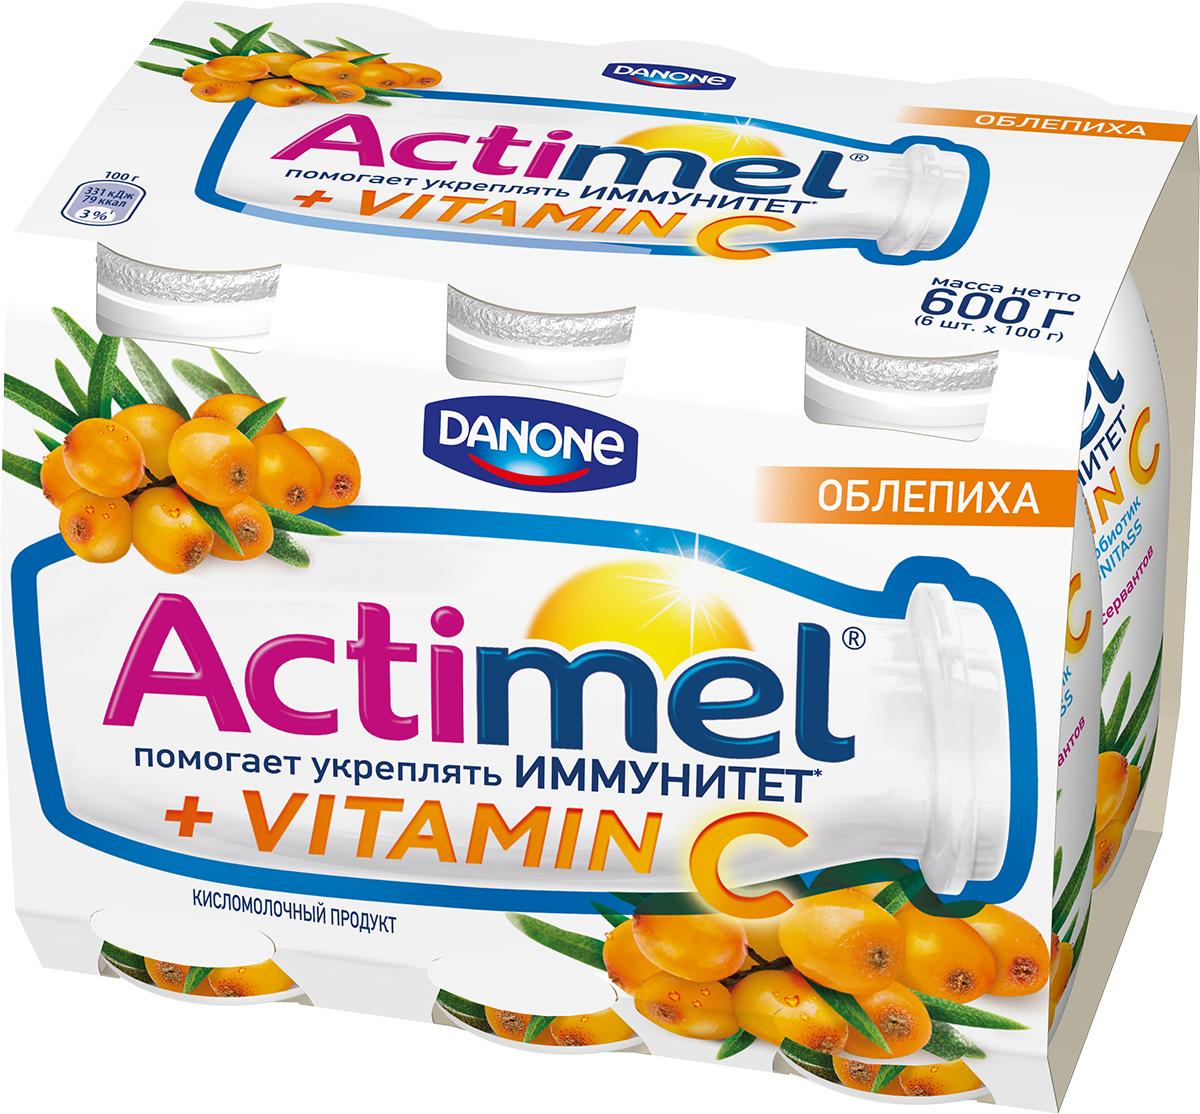 Актимель Продукт кисломолочный, Облепиха 2,5%, 6 шт по 100 г113662Напиток Actimel Облепиха 2.5% - это уникальный кисломолочный продукт с приятным вкусом, в котором помимо пробиотиков содержатся особые лактобактерии L.Casei Imunitass и витамин C, повышающие иммунитет. Пищевая ценность в 100 г продукта: Энергетическая ценность: 79 ккал Белки: 2,65 г Жиры: 2,5 г Углеводы: 11,5 г, в том числе сахароза: 8,4 г витамины С - 13,5мг, В6 - 0,3мг, Д3 - 1,5 мкгУважаемые клиенты! Обращаем ваше внимание, что полный перечень состава продукта представлен на дополнительном изображении.